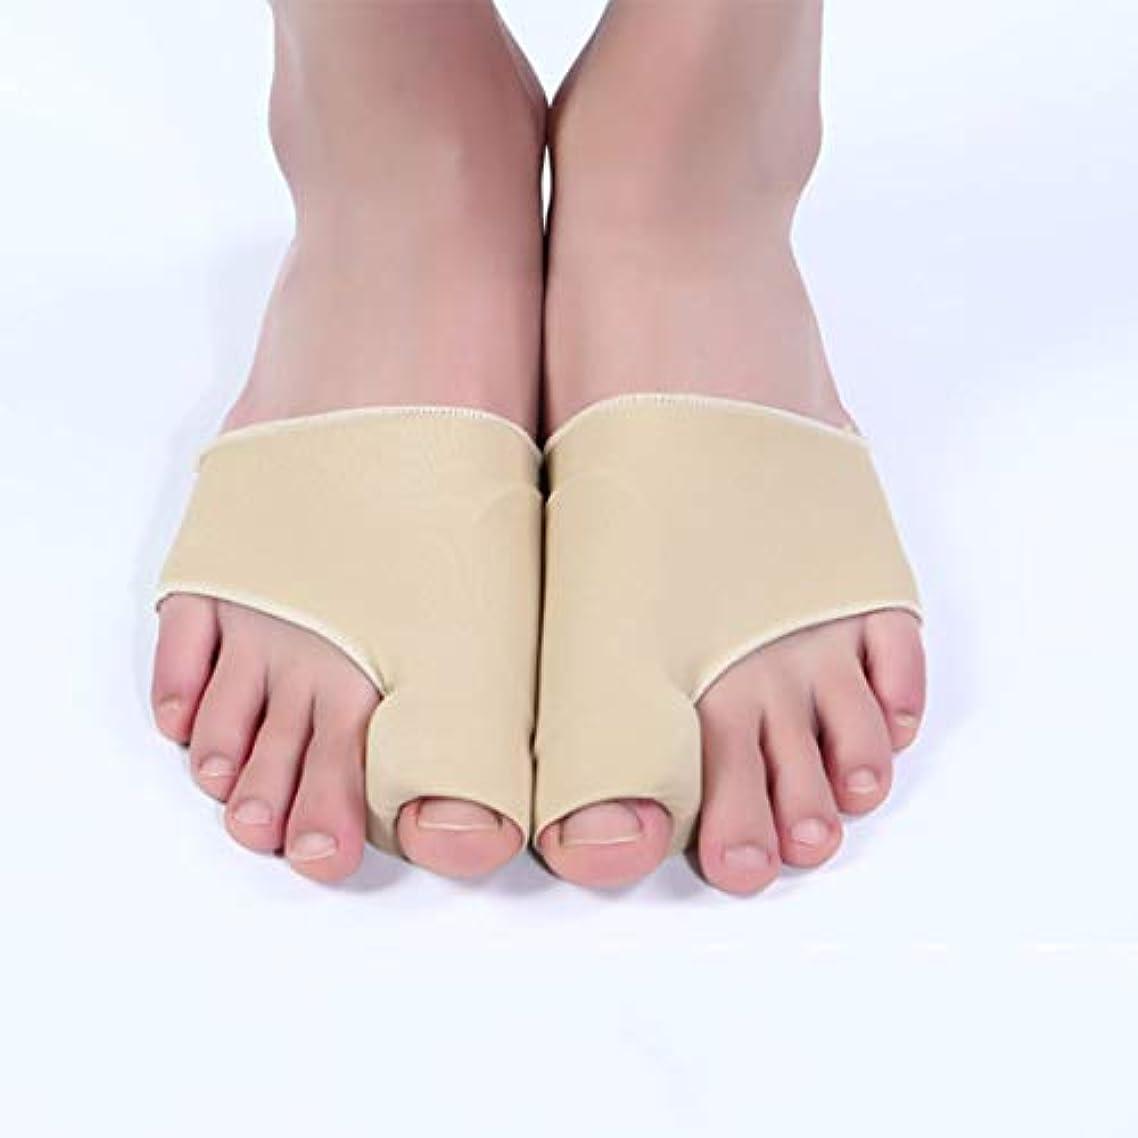 雰囲気過敏なモス腱膜瘤矯正と腱膜瘤救済、女性と男性のための整形外科の足の親指矯正、昼夜のサポート、外反母Valの治療と予防,Onesize